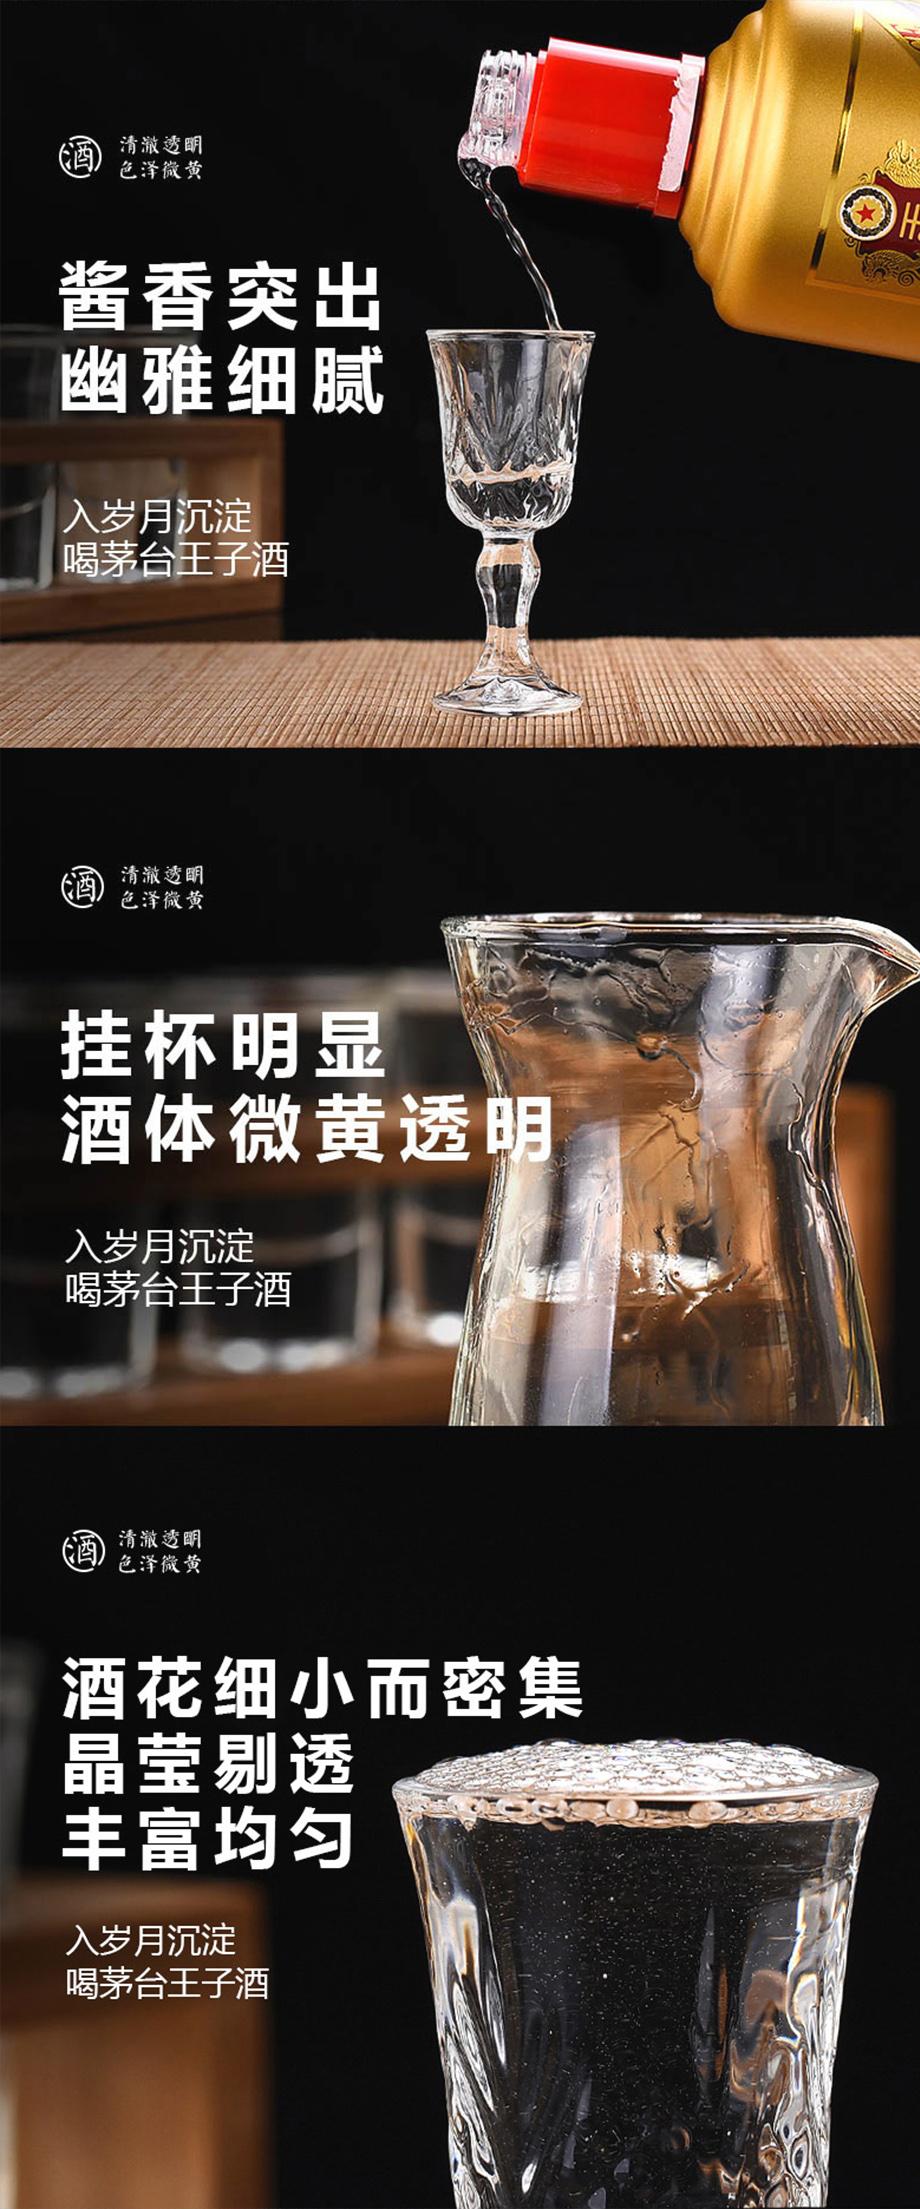 53°茅台王子( 金王子)-酒花.jpg